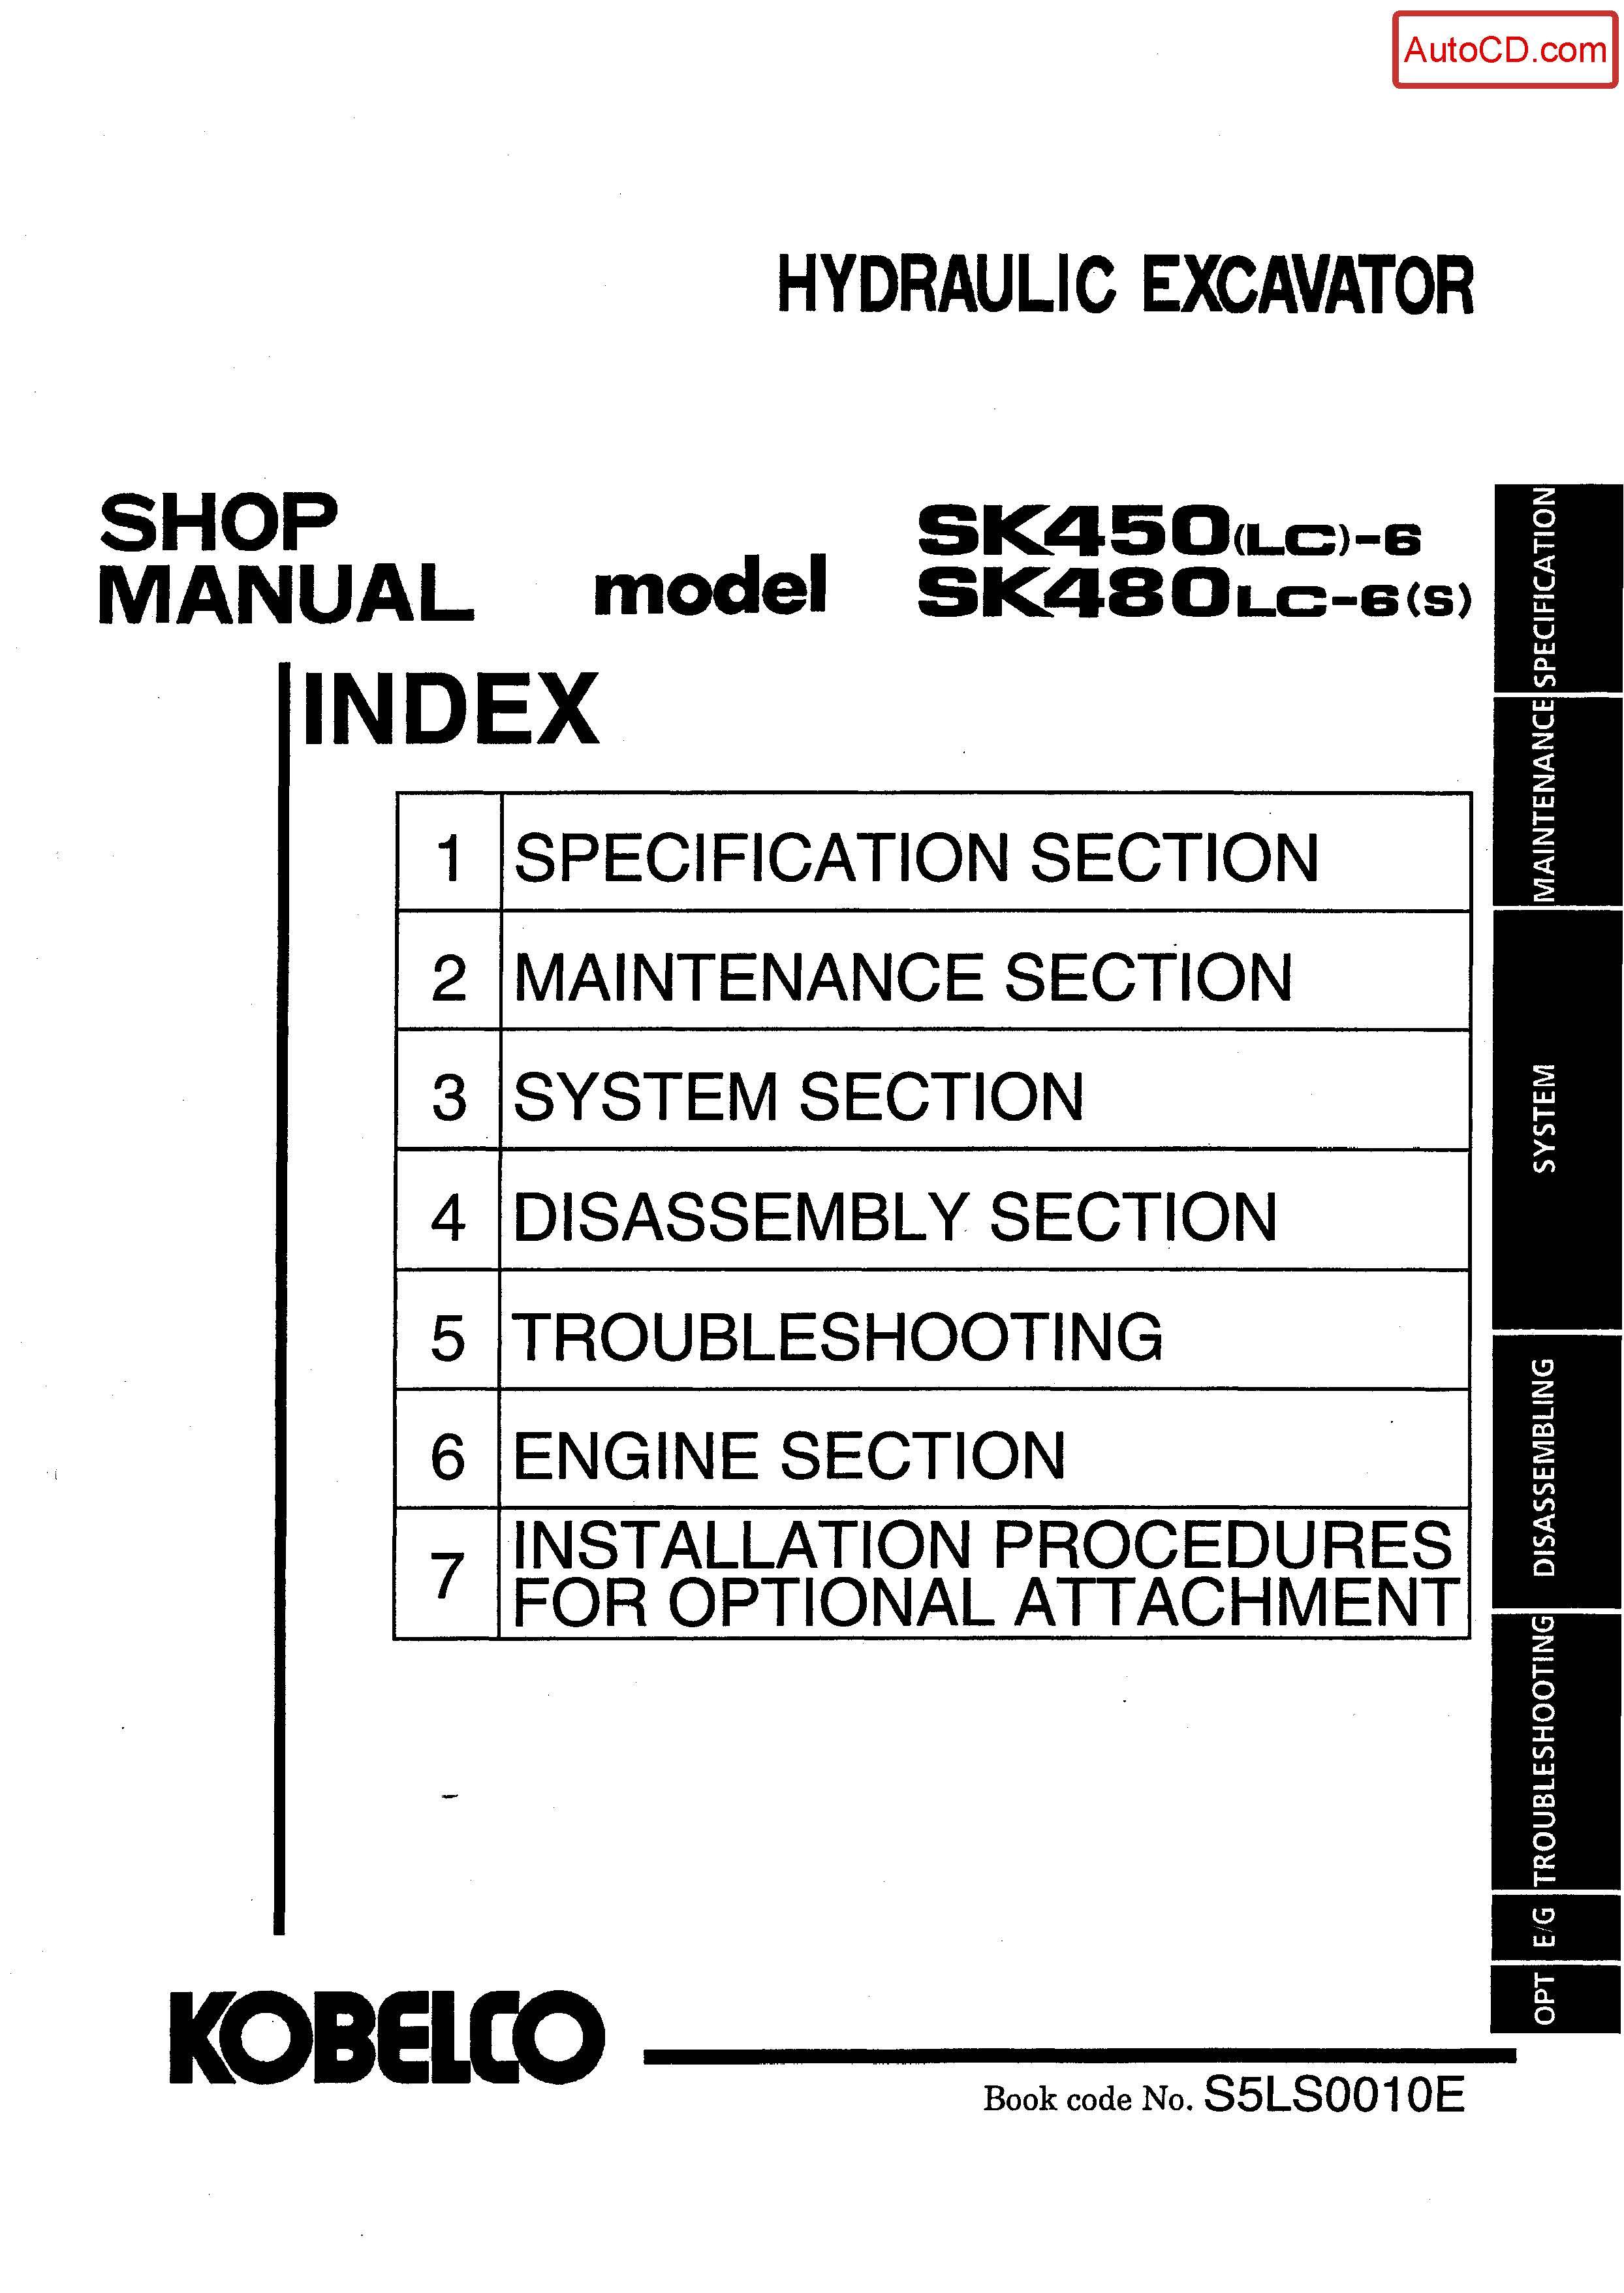 หนังสือ คู่มือซ่อม Kobelco Hydraulic Excavator SK450(LC)-6 , SK480(LC)-6S (ข้อมูลทั่วไป ค่าสเปคต่างๆ วงจรไฟฟ้า วงจรไฮดรอลิกส์)